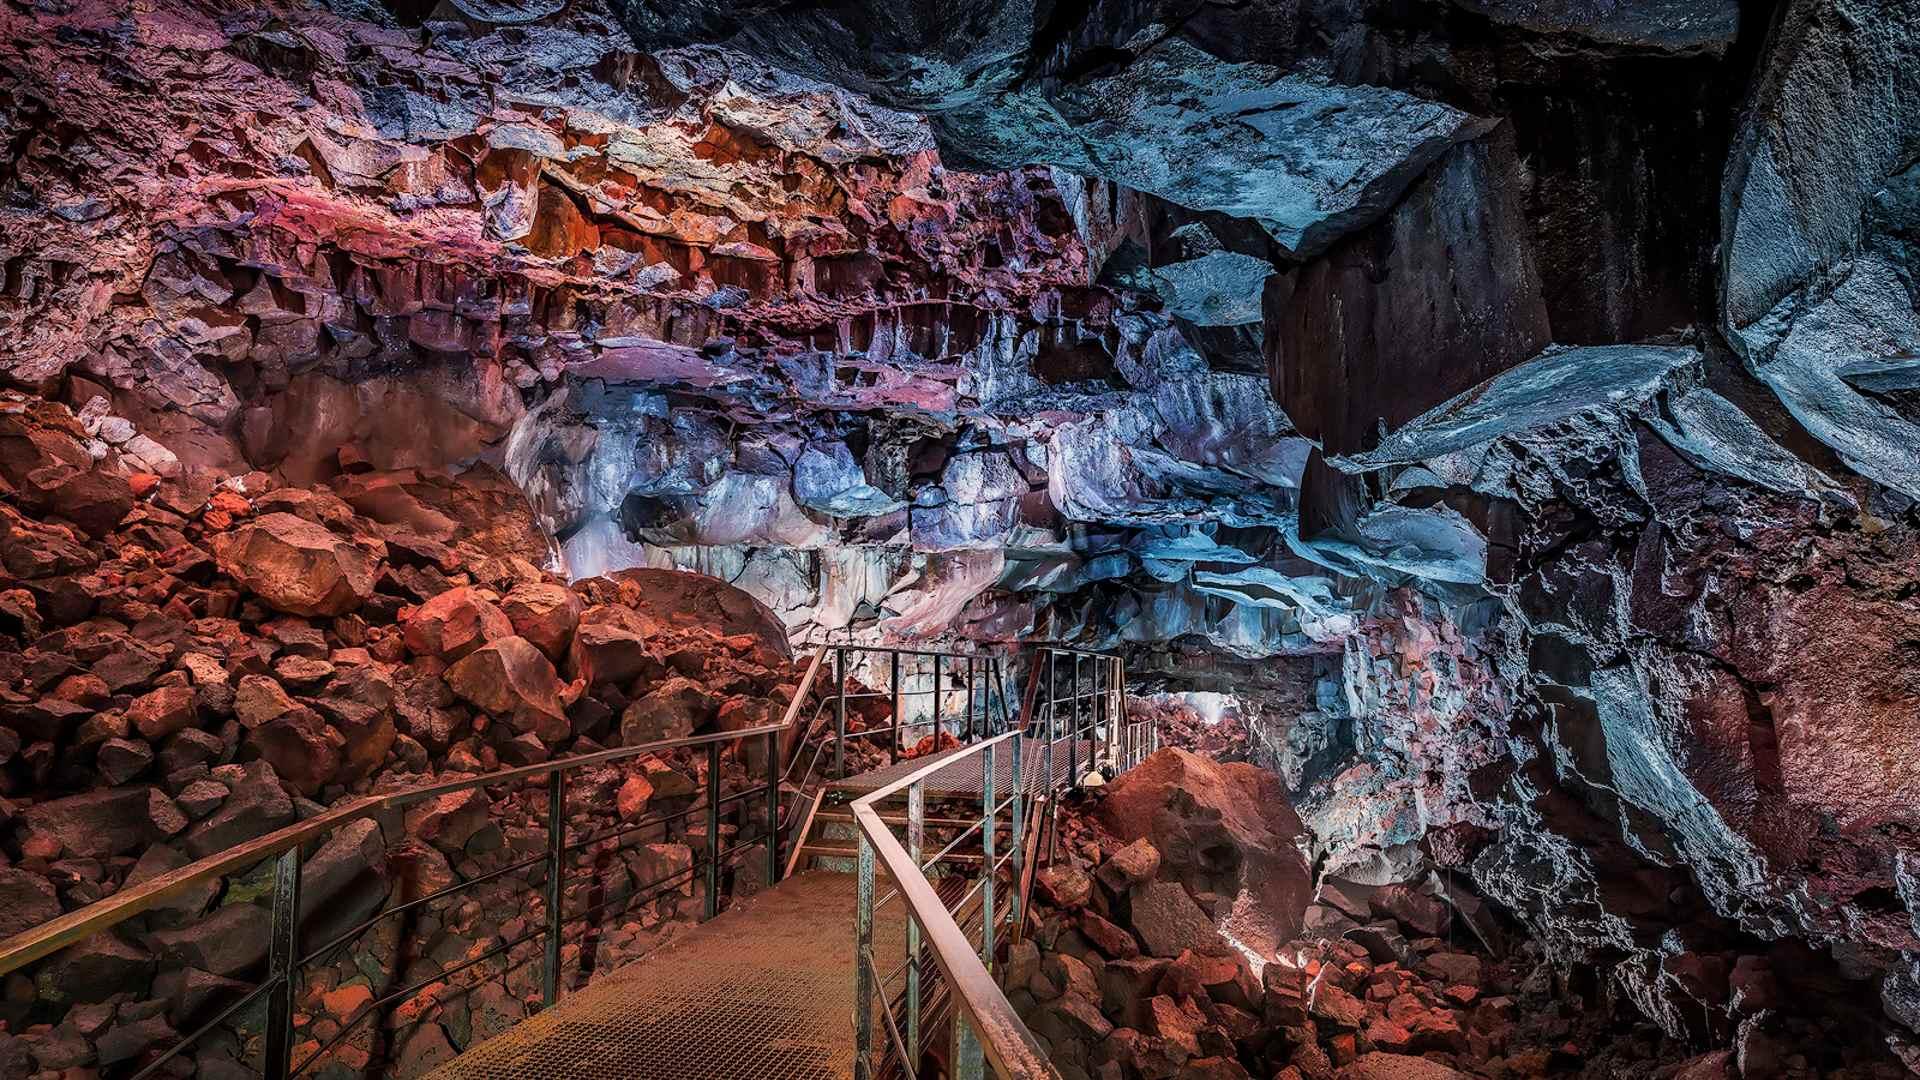 Inside the Raufarhólshellir lava cave